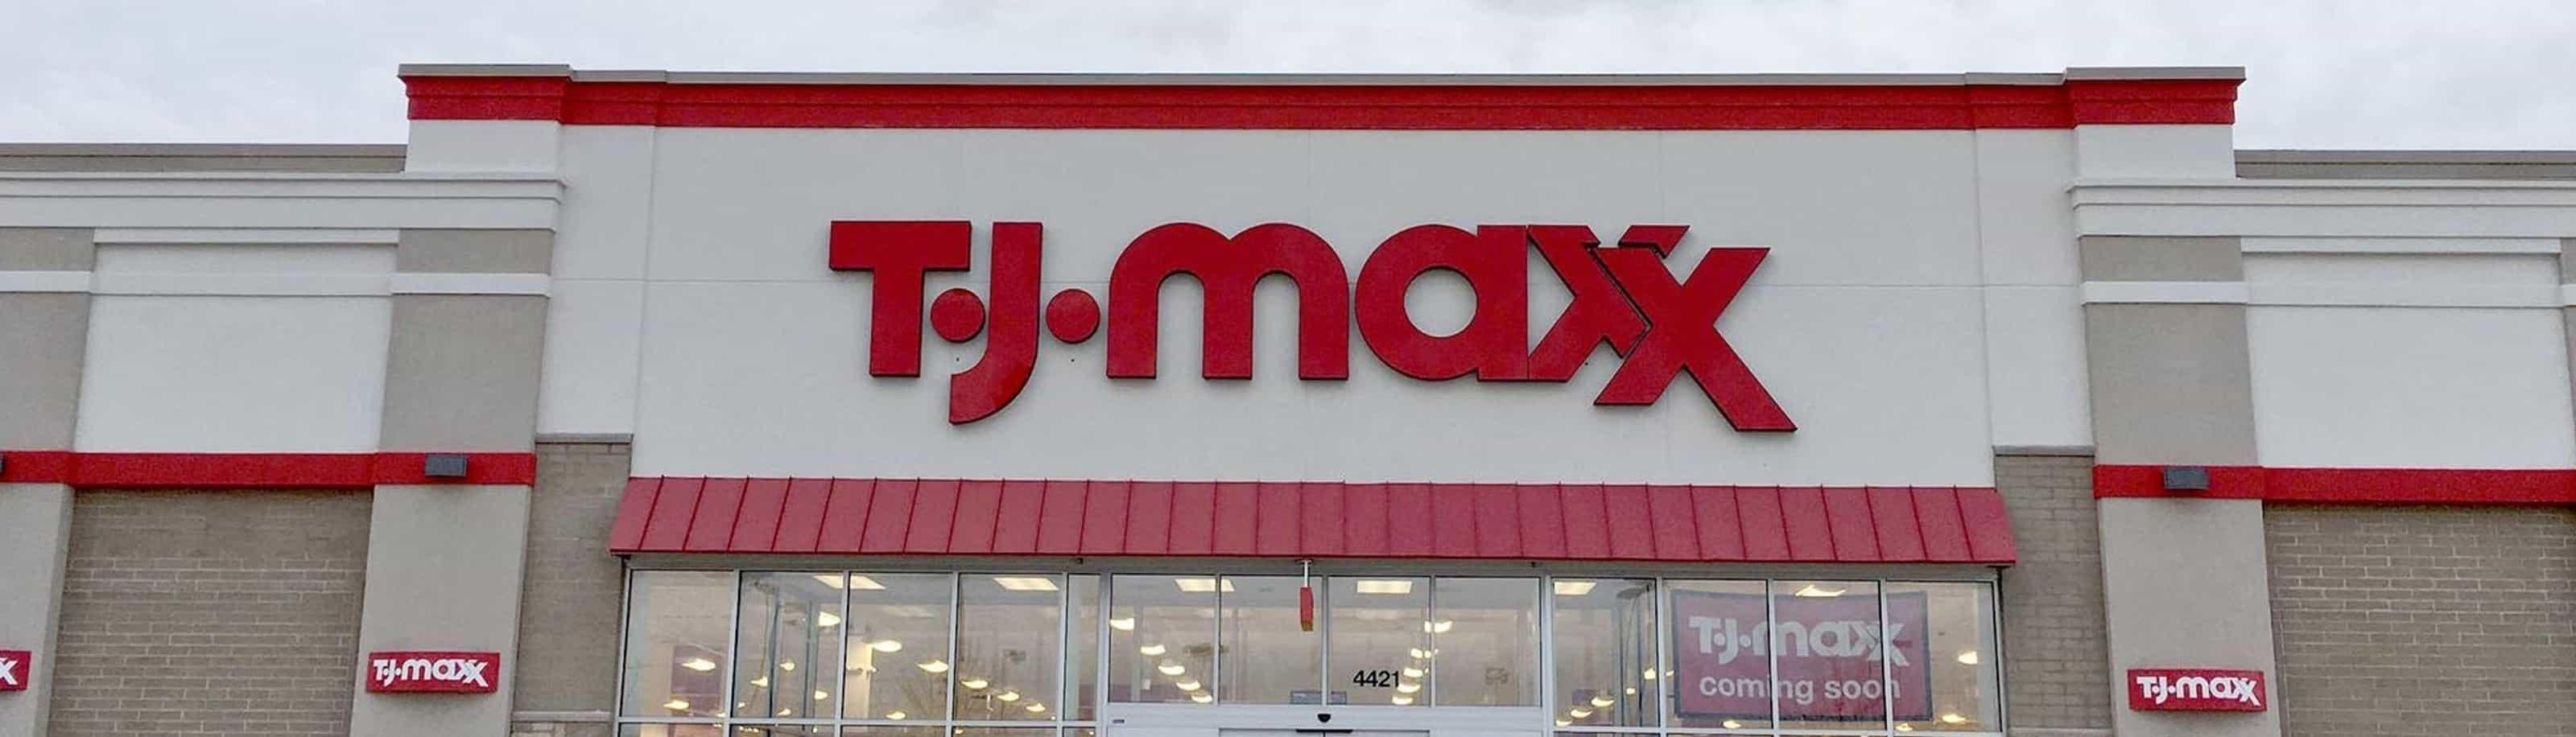 T.J. Maxx Ürünleri